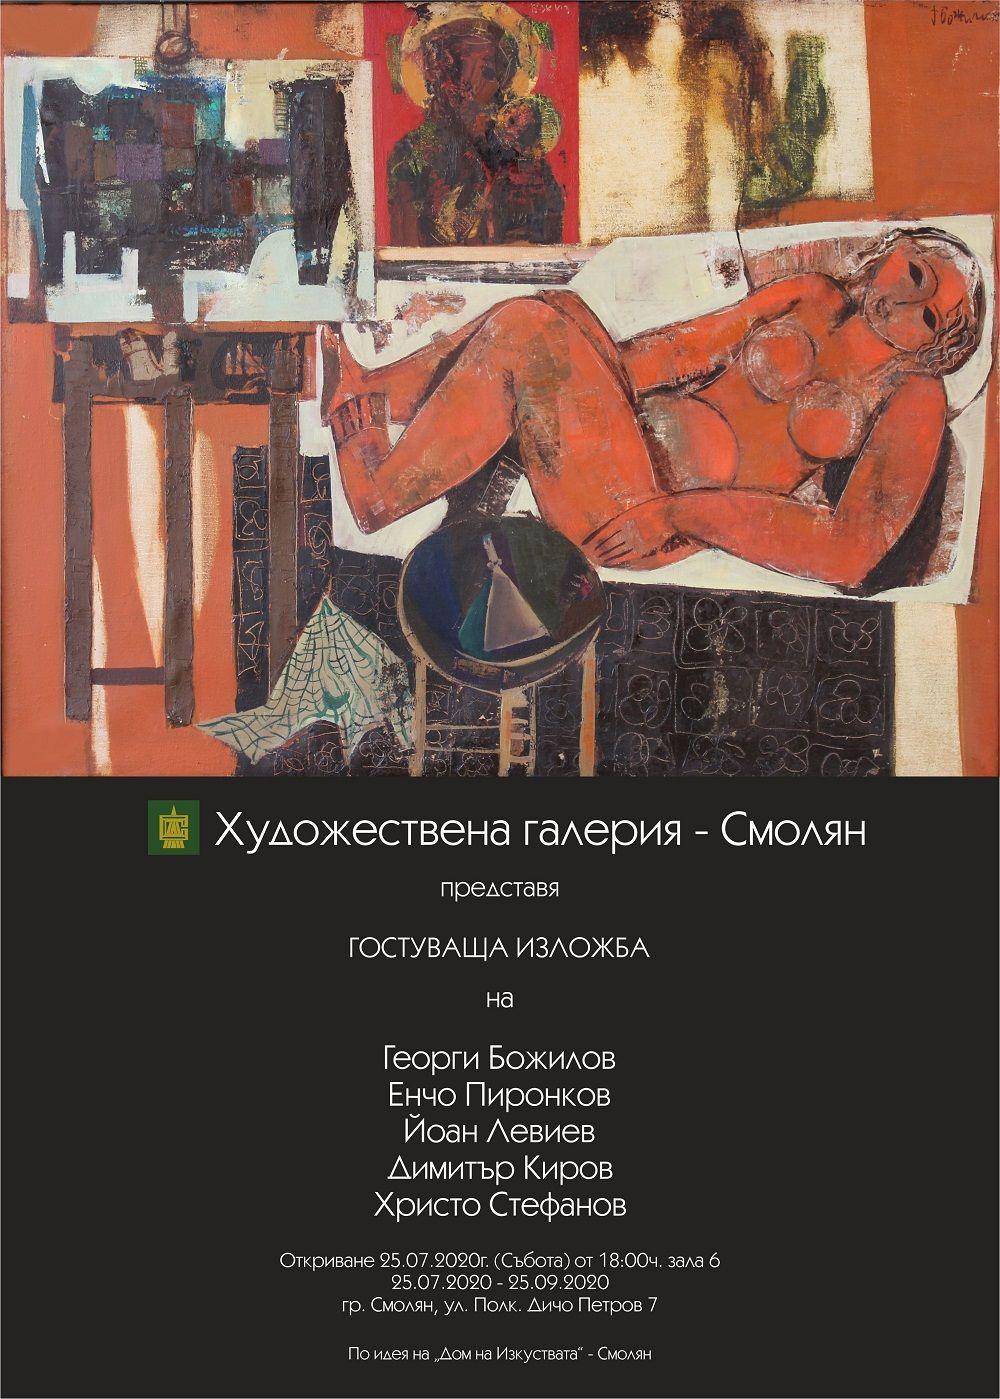 Гостуваща изложба на Пловдивски художници - голяма снимка